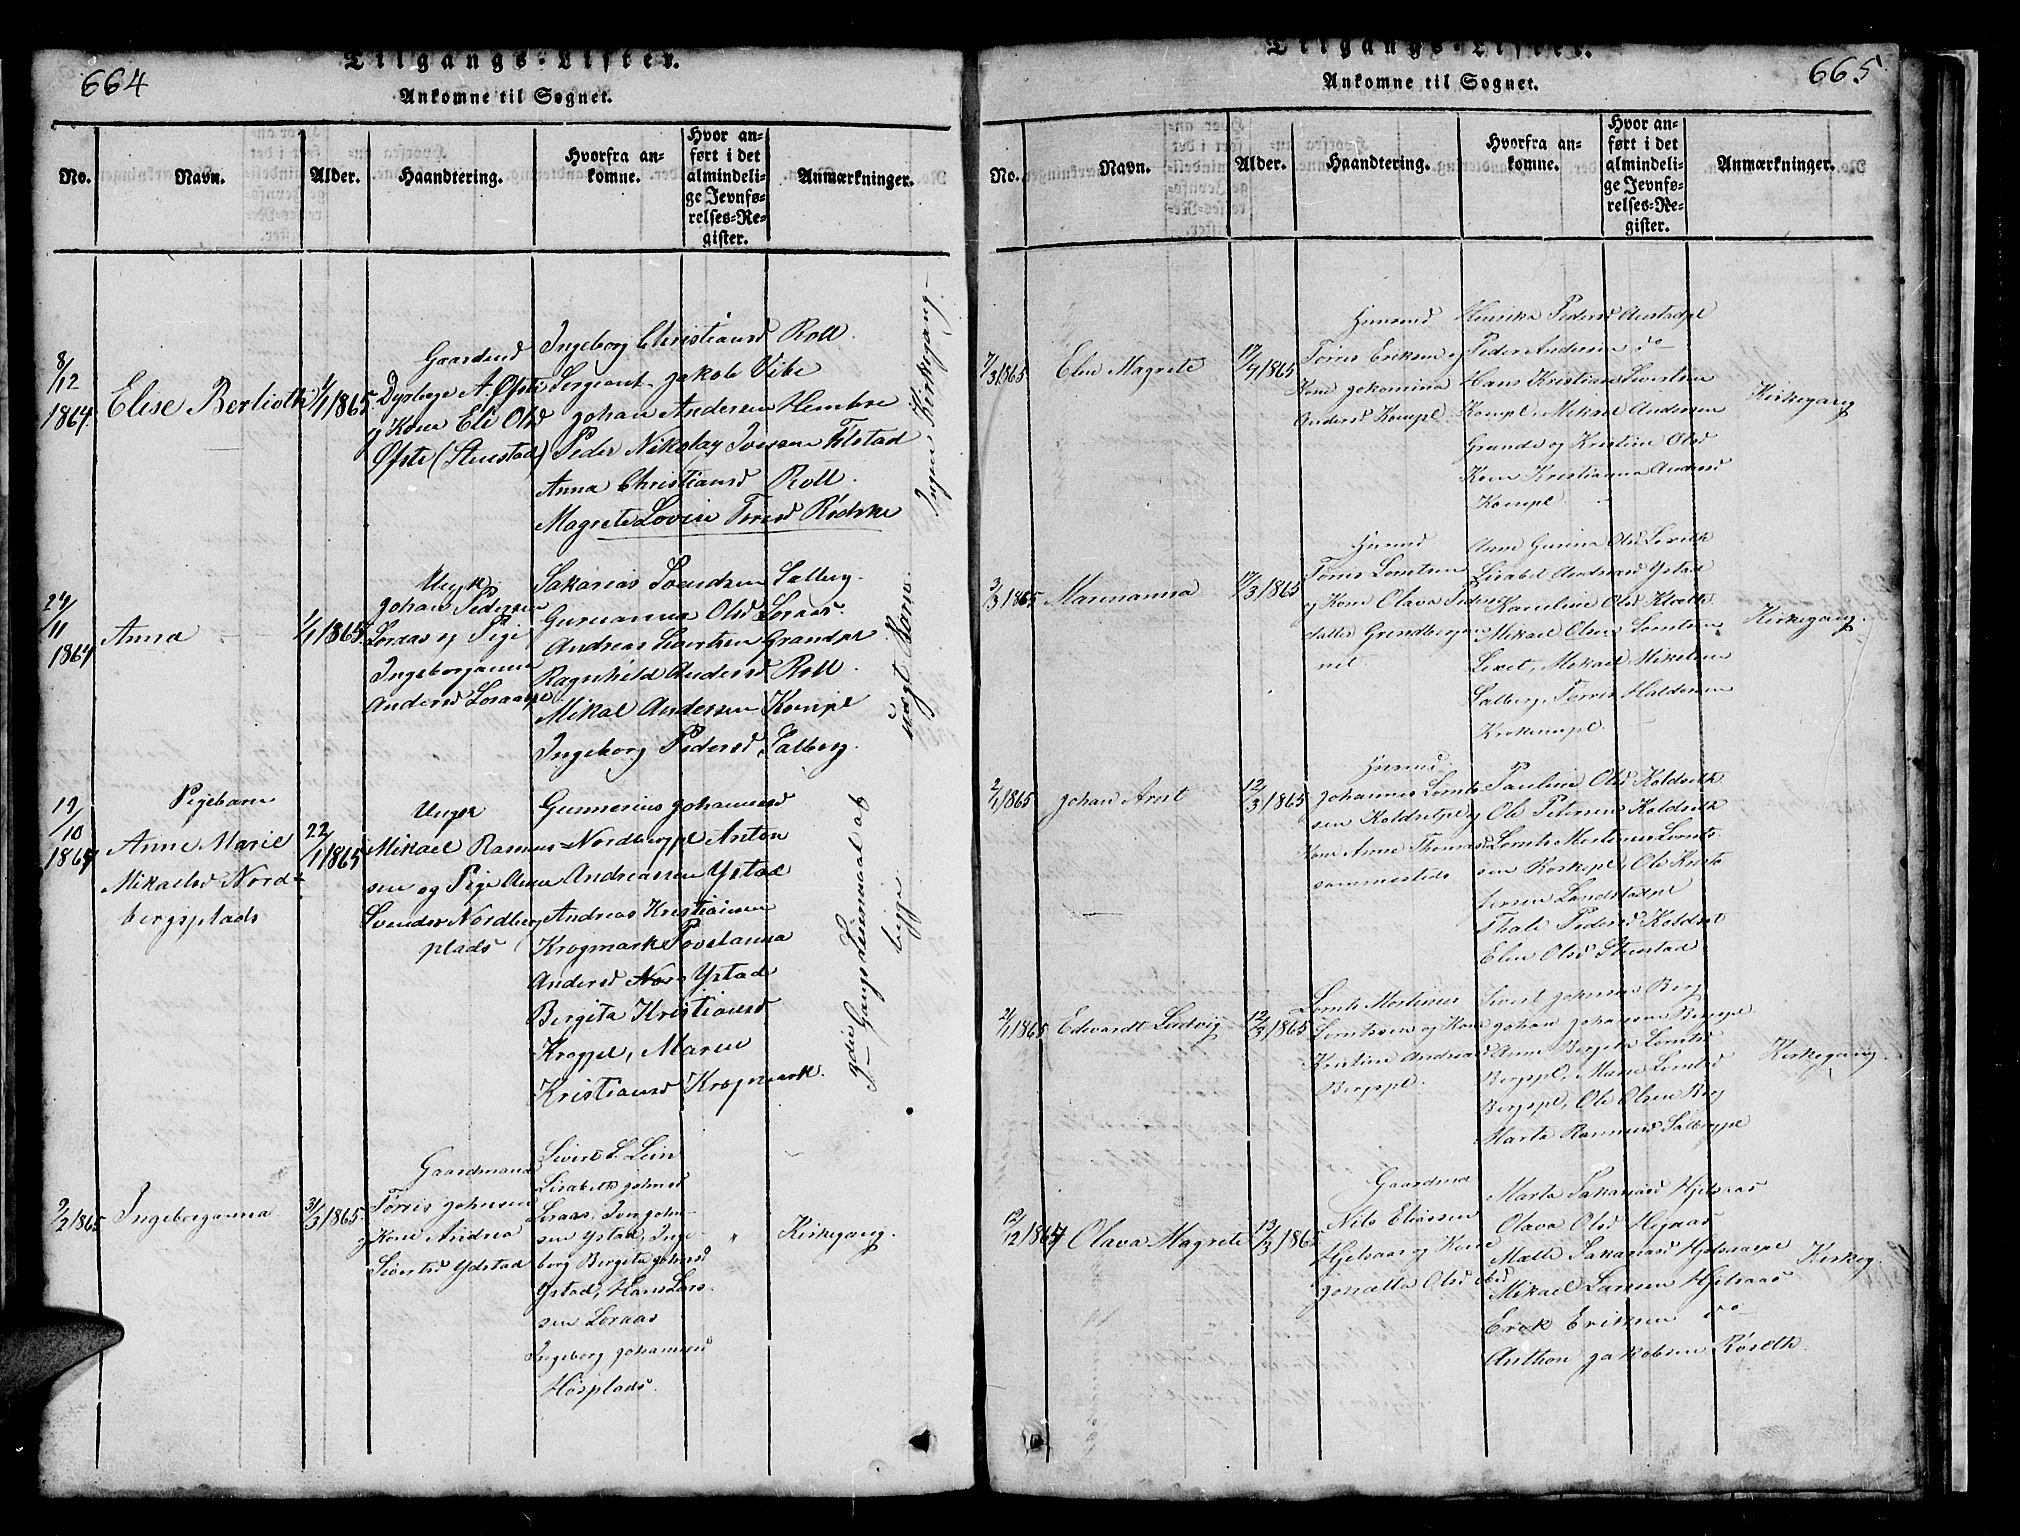 SAT, Ministerialprotokoller, klokkerbøker og fødselsregistre - Nord-Trøndelag, 731/L0310: Klokkerbok nr. 731C01, 1816-1874, s. 664-665